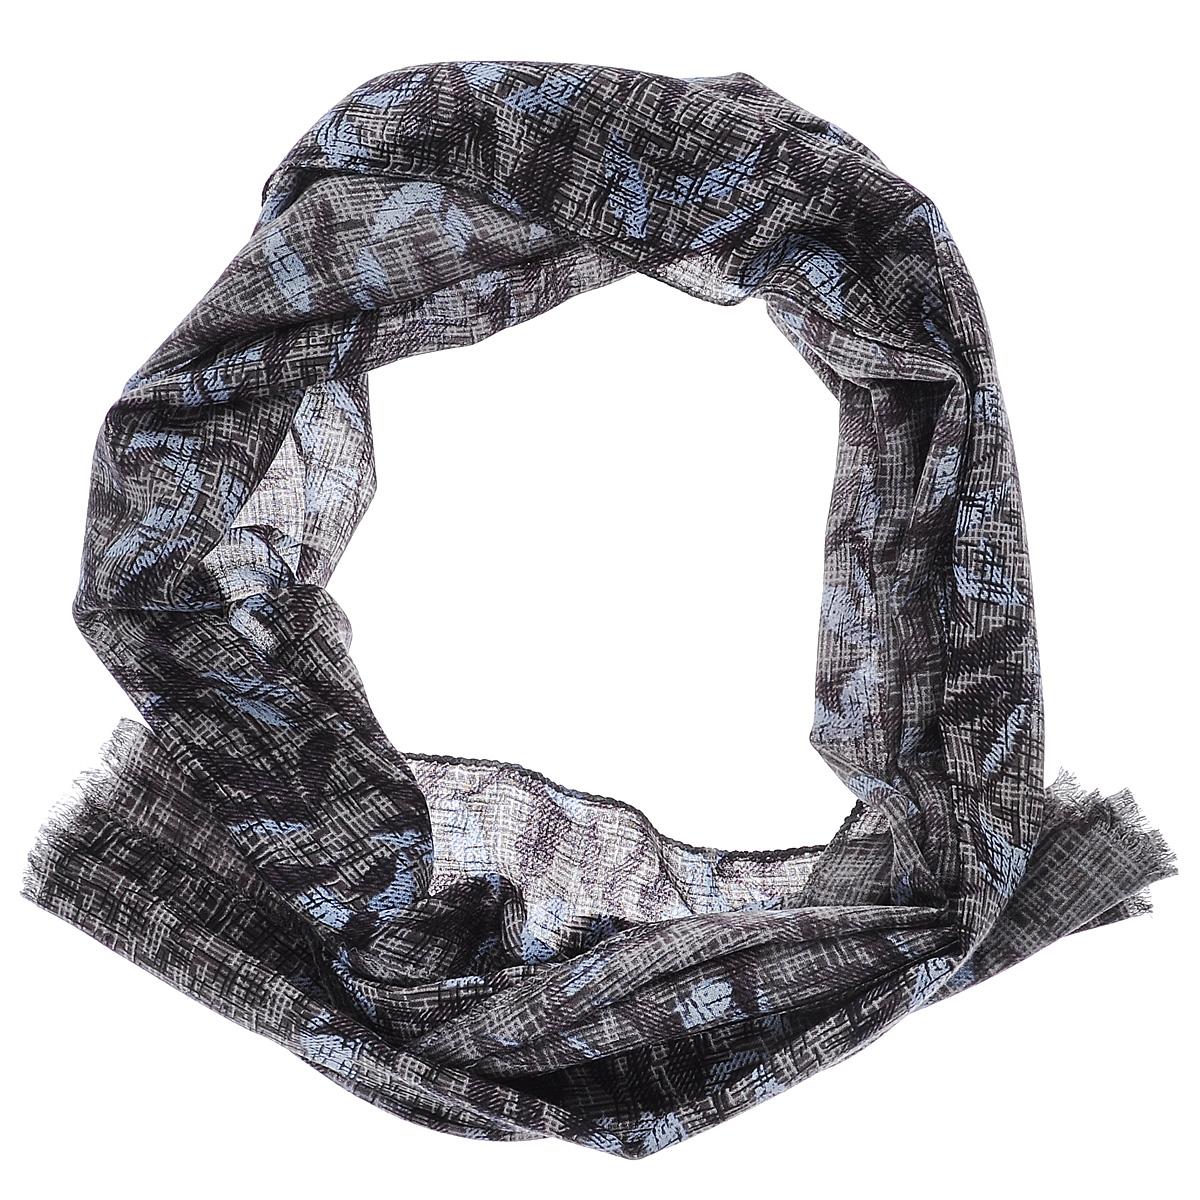 Шарф35010-11GЭлегантный женский шарф Moltini подчеркнет ваш неповторимый образ. Он выполнен из мягкой натуральной шерсти и оформлен оригинальным цветочным принтом. Края шарфа декорированы тонкой бахромой. Этот модный аксессуар женского гардероба гармонично дополнит образ современной женщины, следящей за своим имиджем и стремящейся всегда оставаться стильной и женственной.